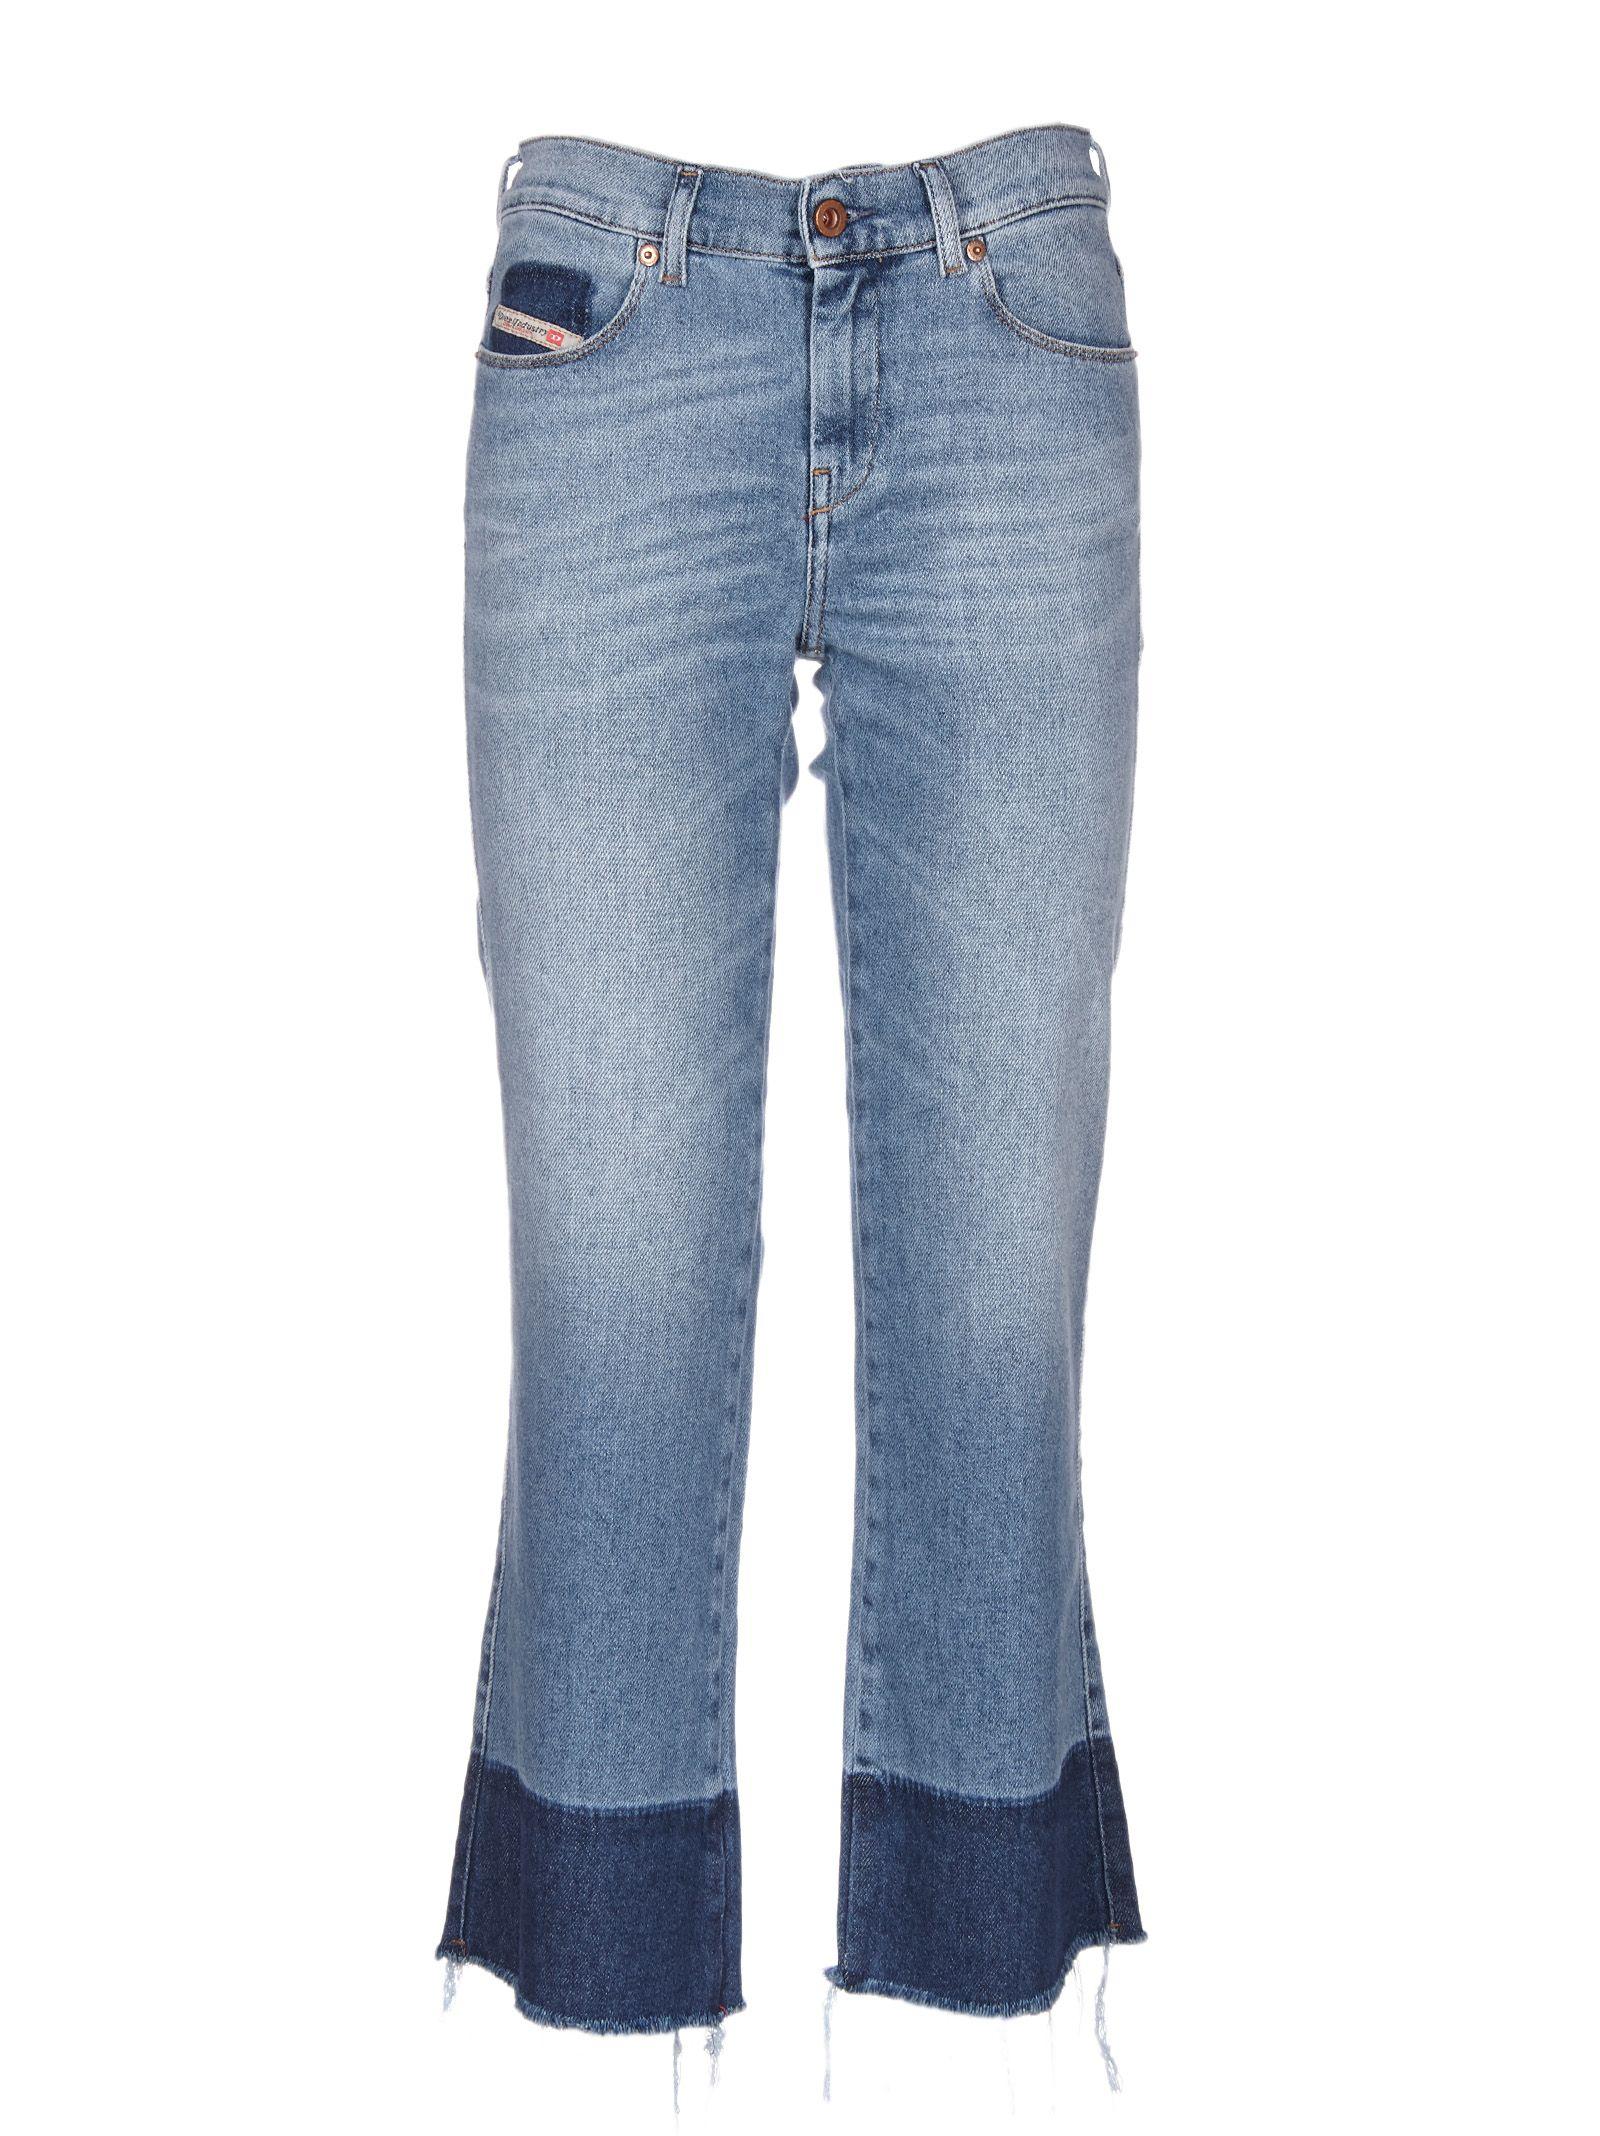 70b6ccc116 Diesel Diesel Skinny Fit Flared Jeans - Blue - 10579961